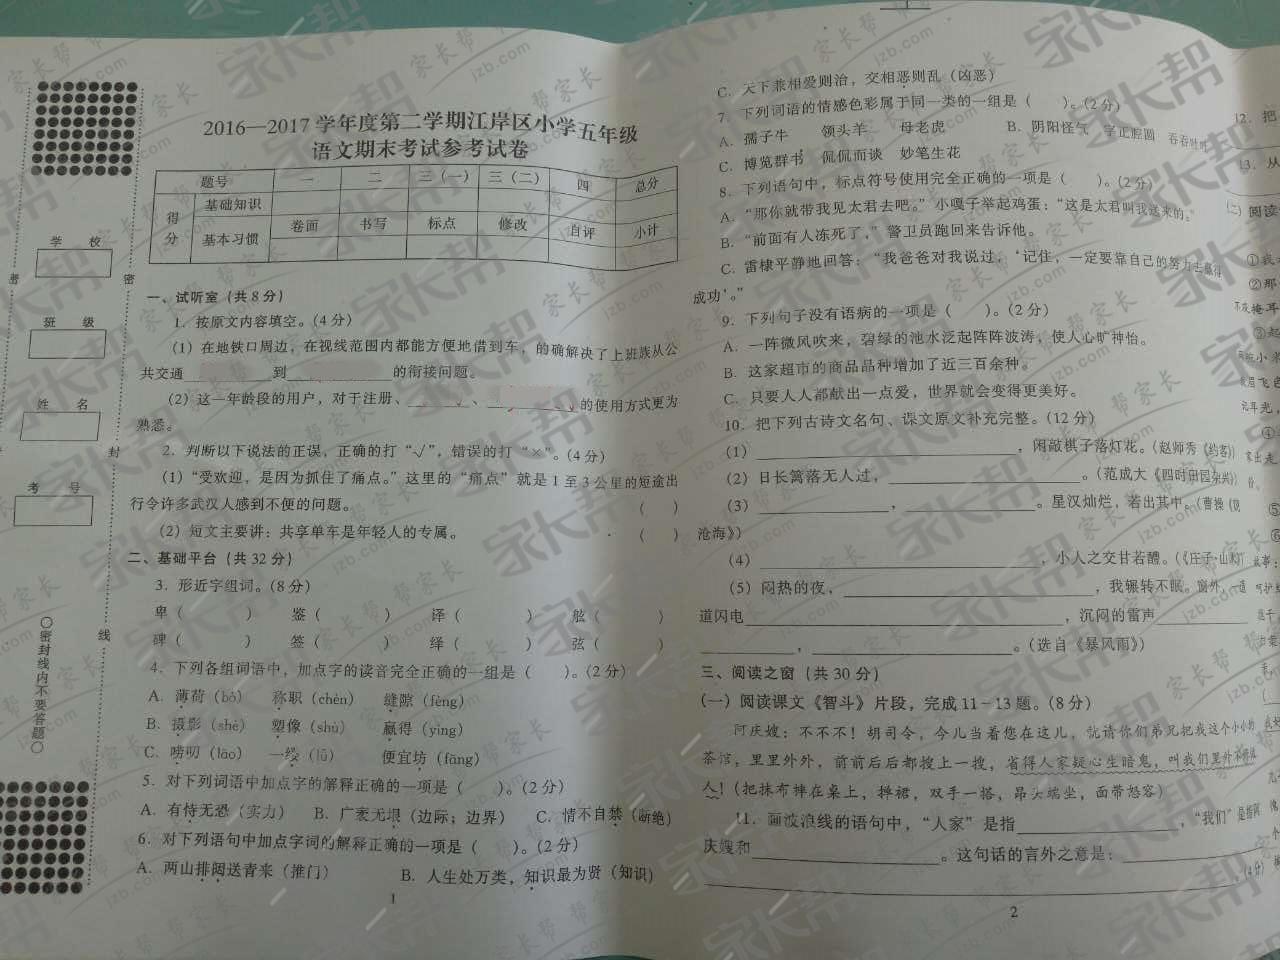 蛐蛐我是中国人手拉手可爱的苹果盼红军编花篮叫鸭歌五年级下学期作文